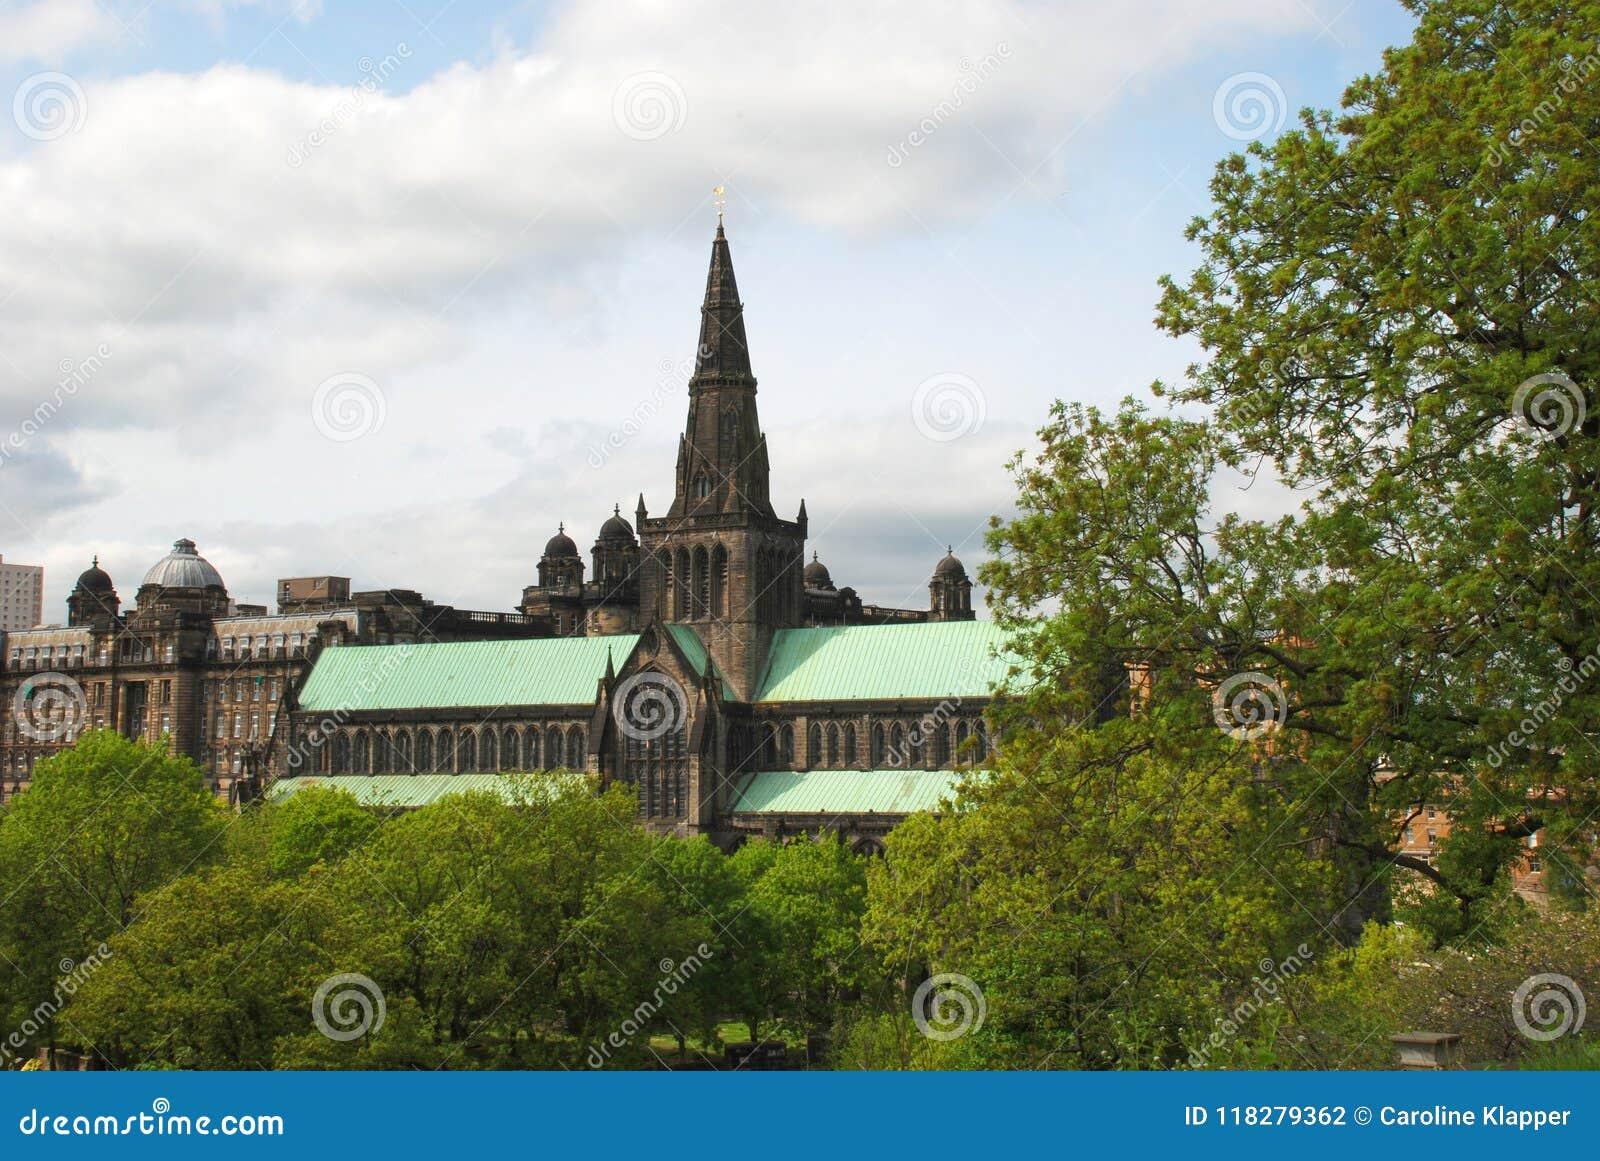 Ναός της Γλασκώβης στη Σκωτία, Ηνωμένο Βασίλειο